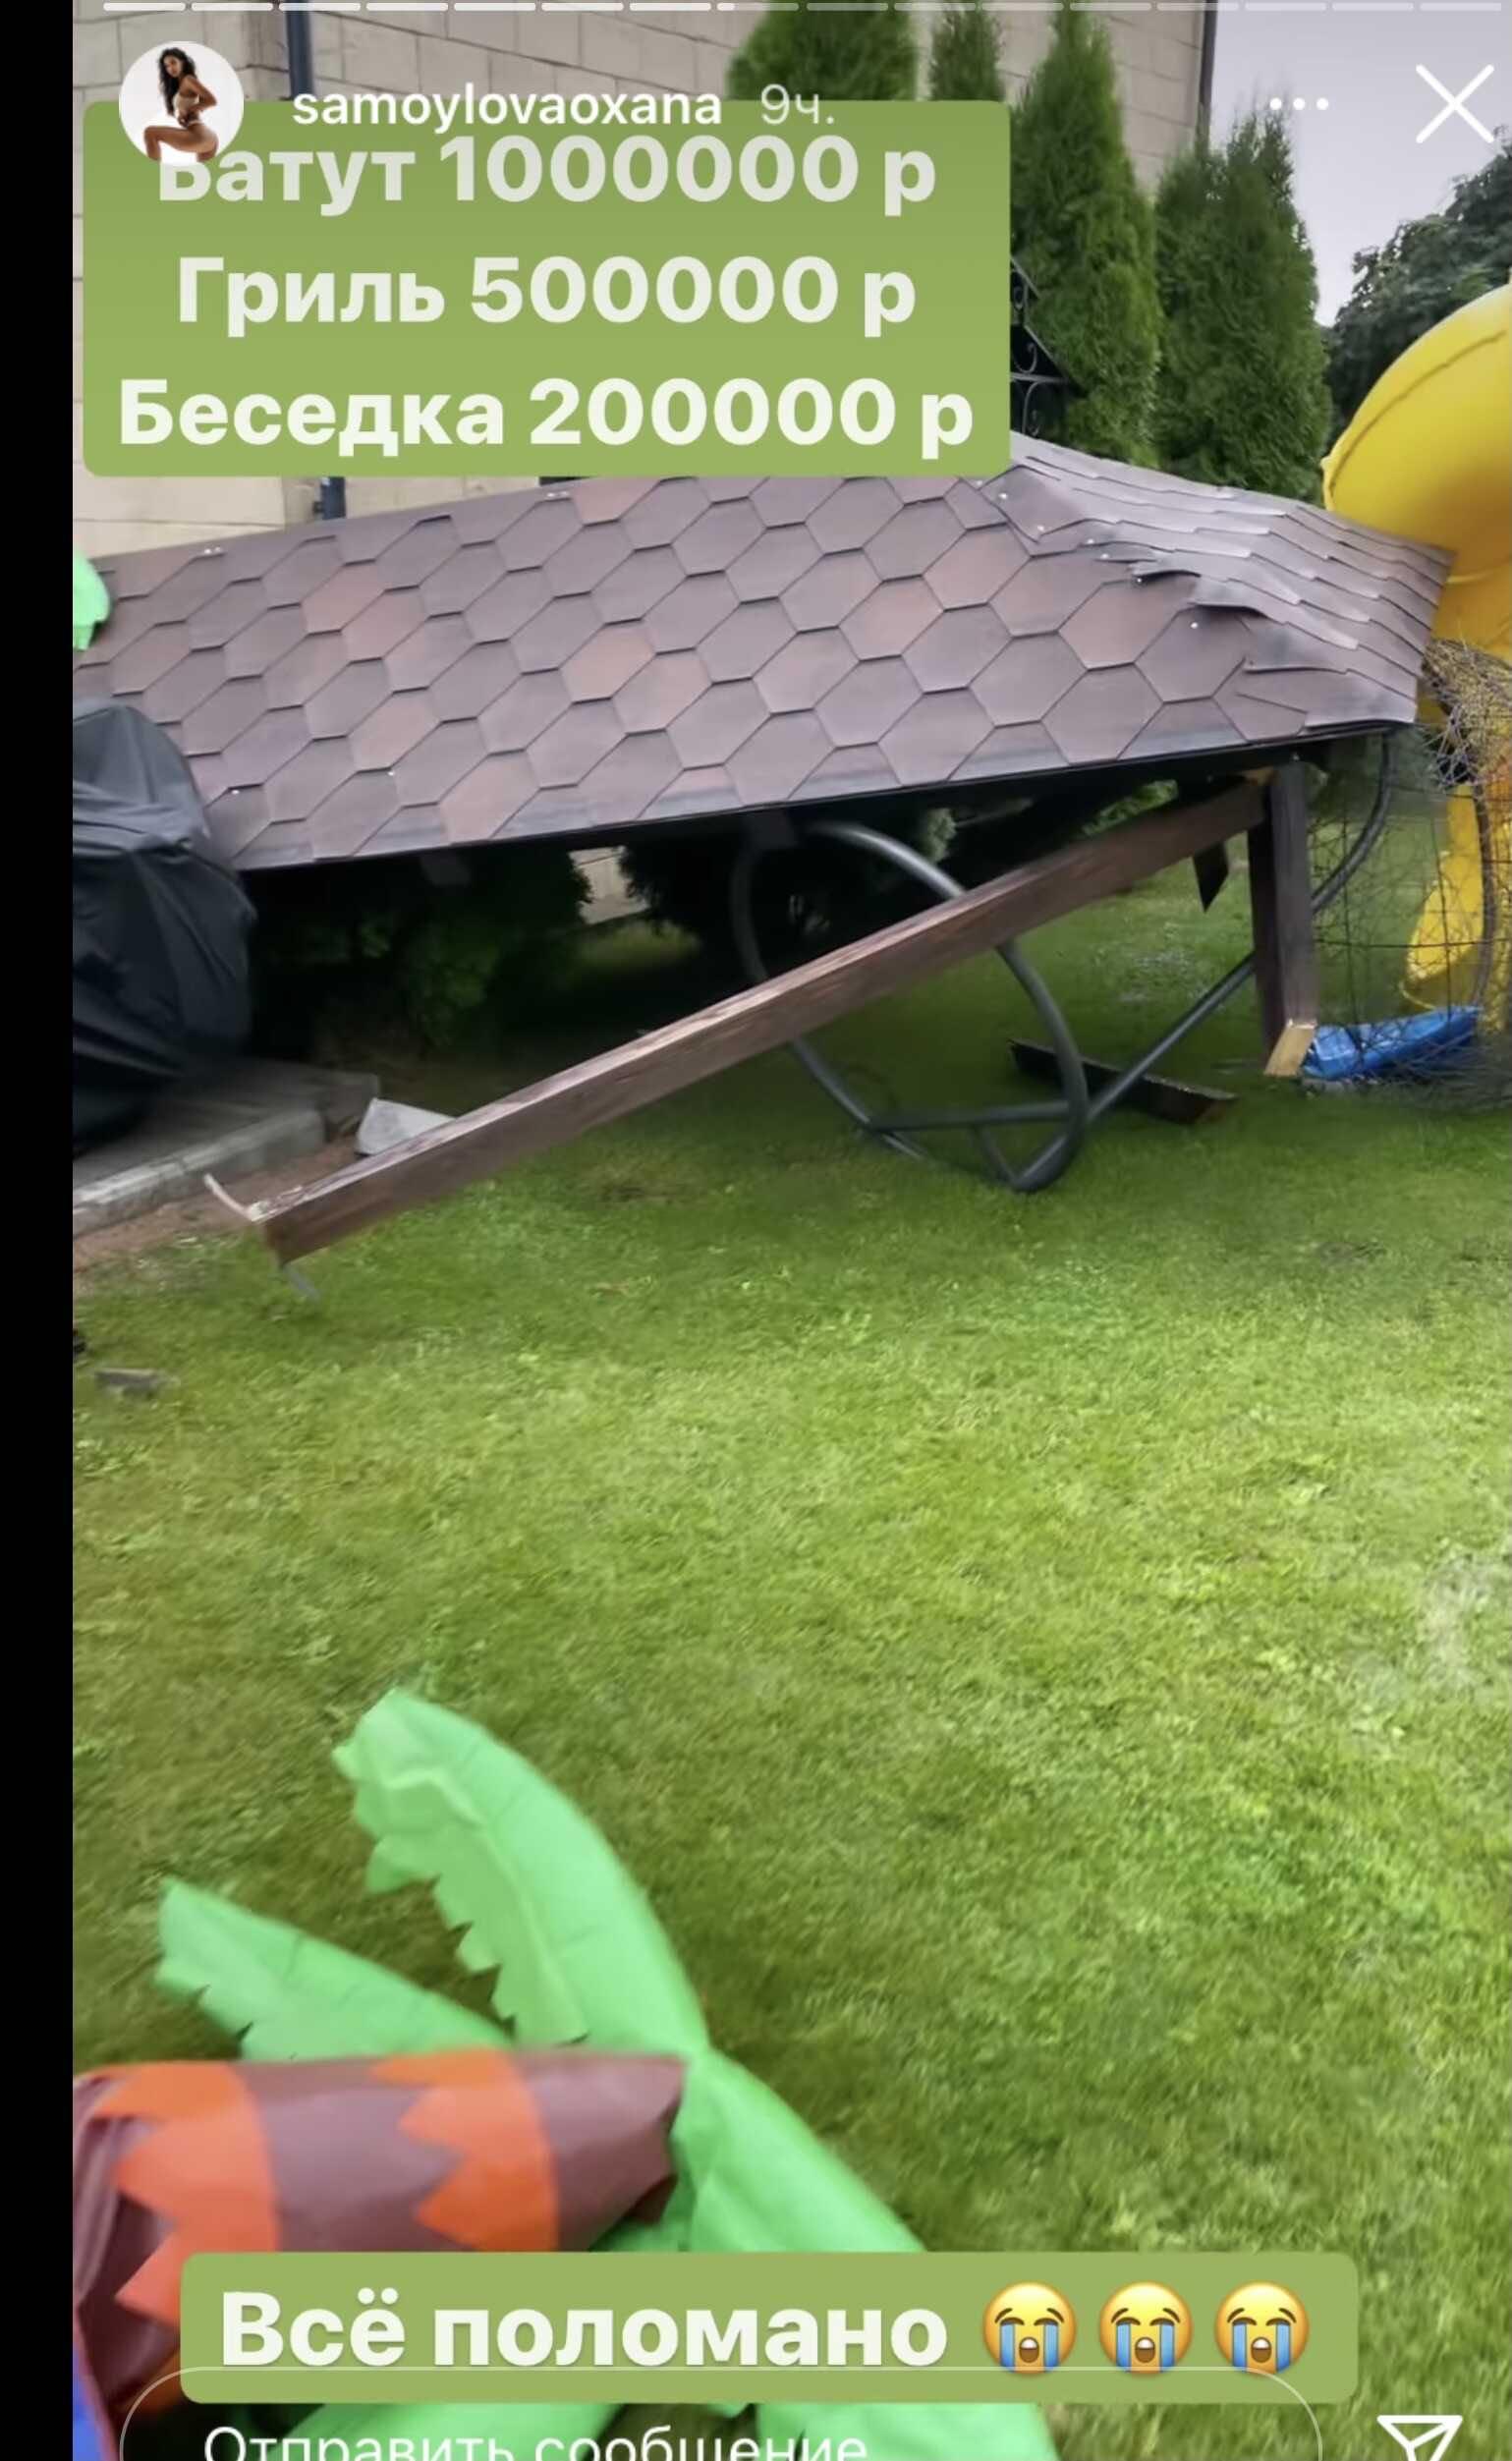 «Мне страшно!»: ураган разрушил двор Оксаны Самойловой и Джигана, нанеся миллионный ущерб